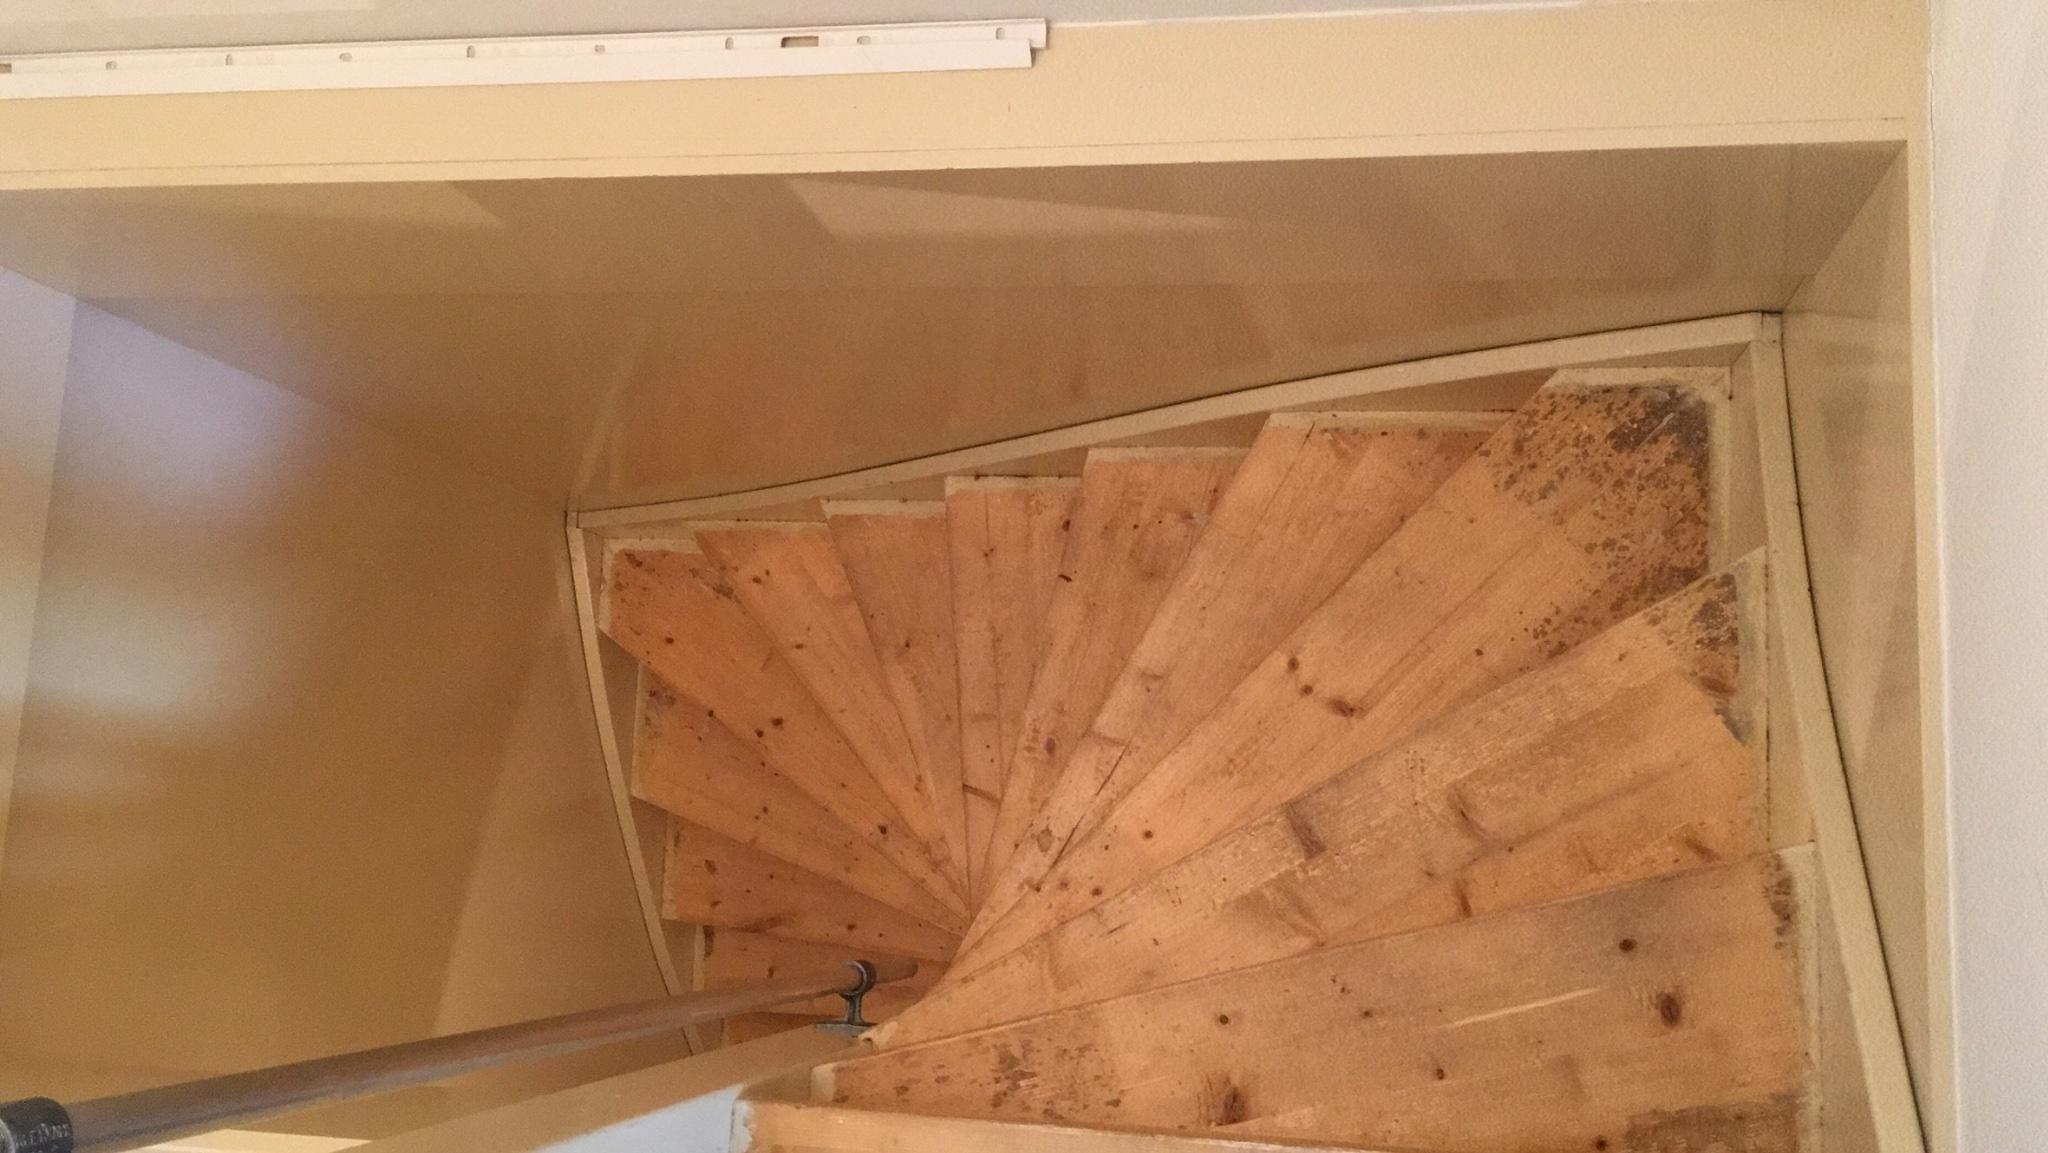 Trap Tapijt Verwijderen : Tapijt trappen verwijderen werkspot